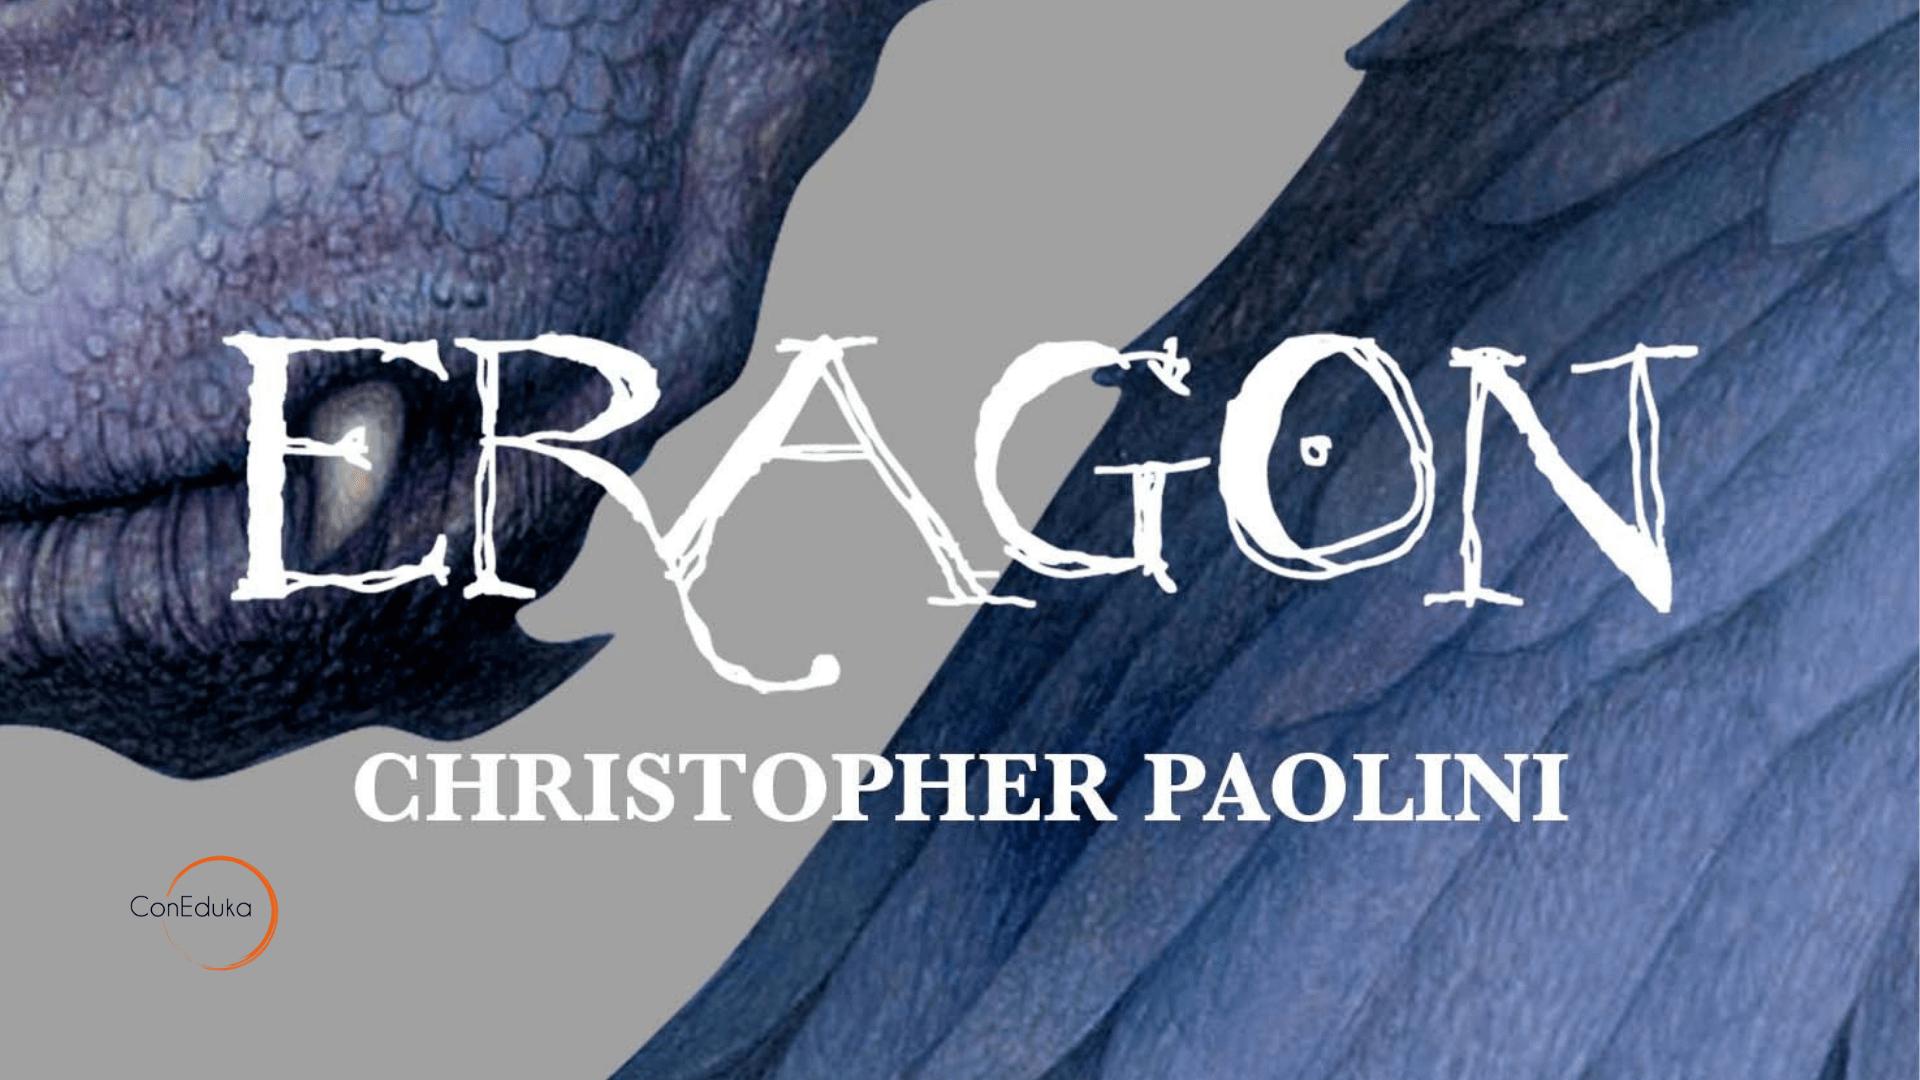 Eragon-fomentar la lectura